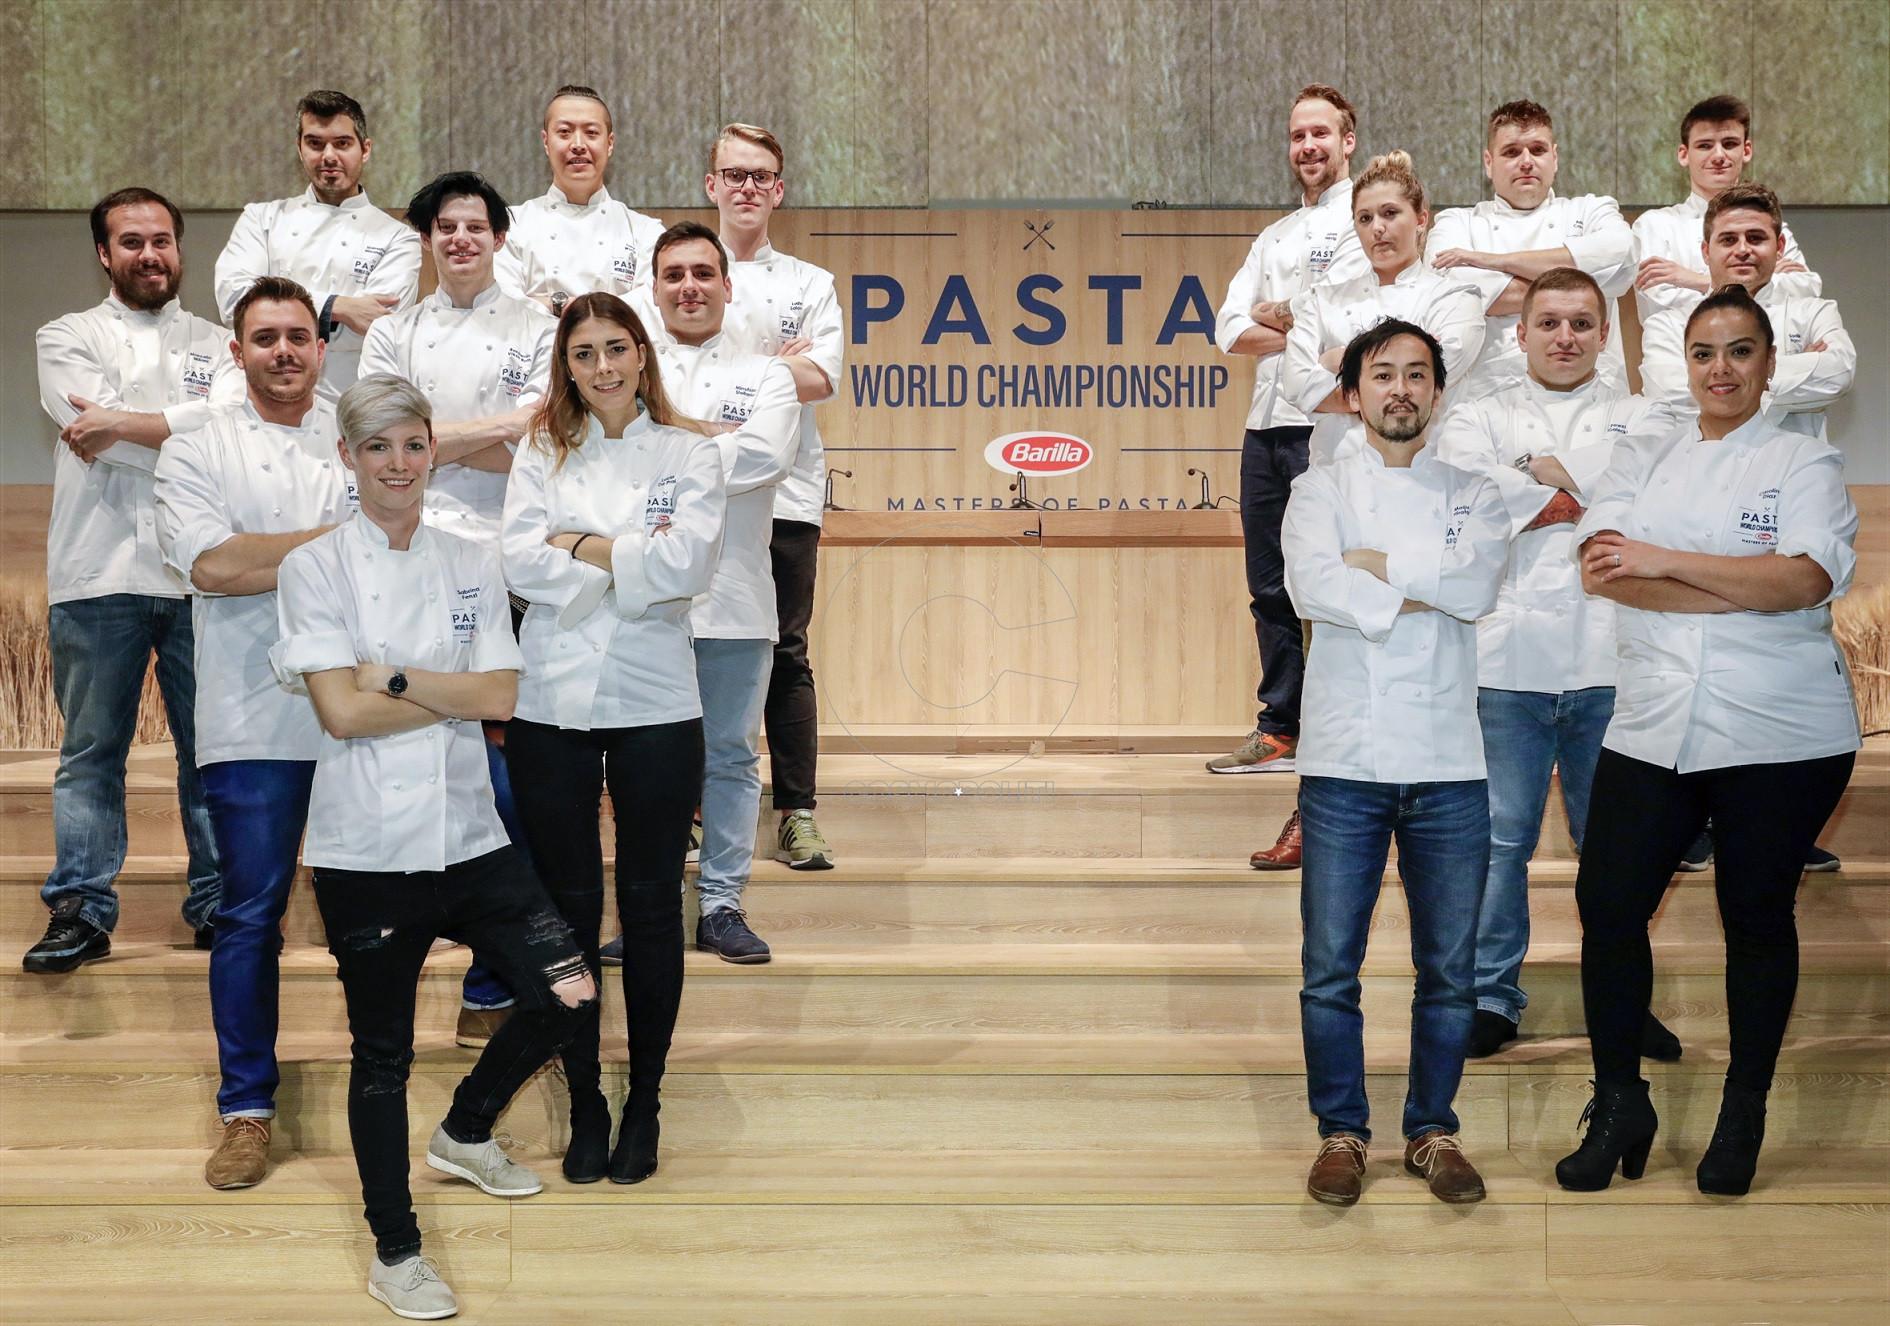 01. Barilla_PWC2018_All chef participants